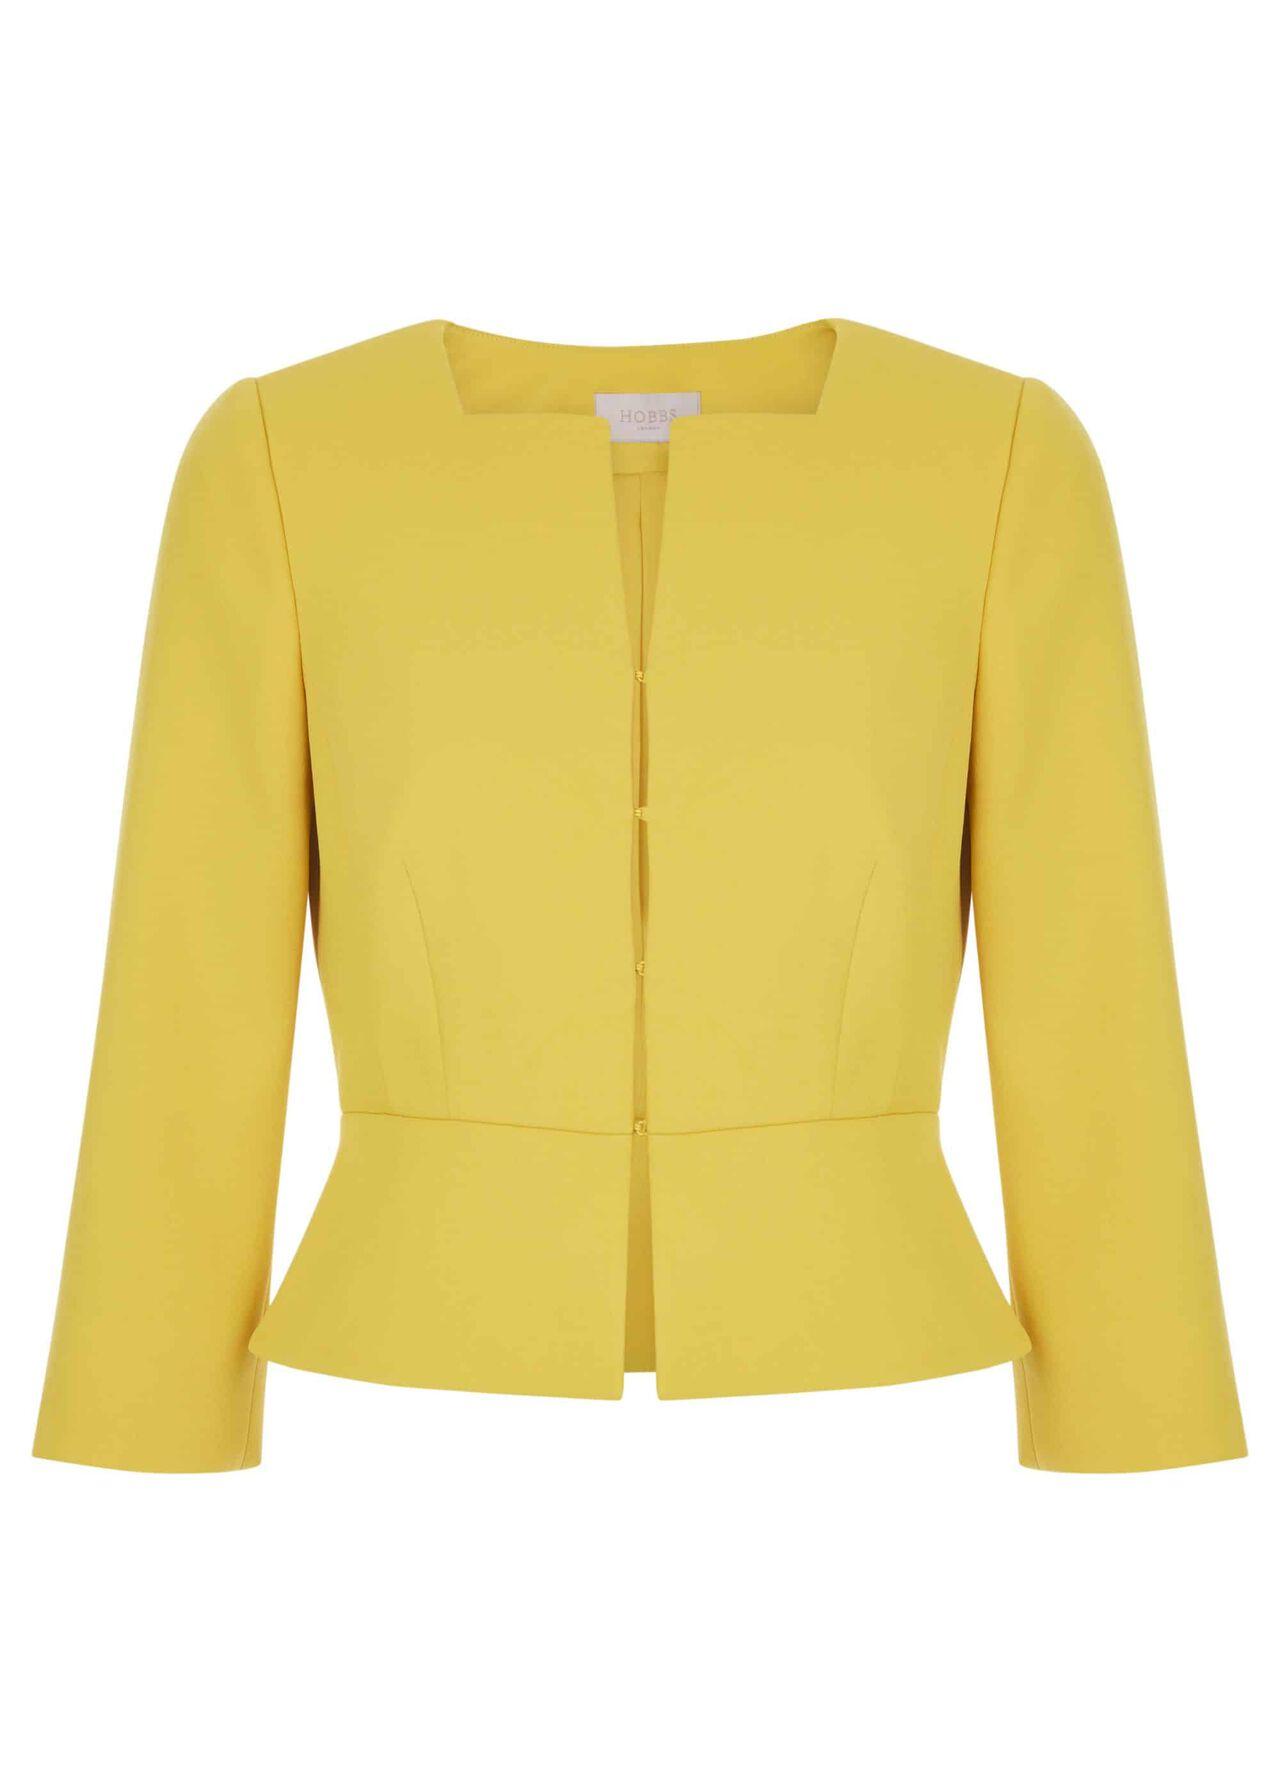 Harper Square Jacket Chartreuse